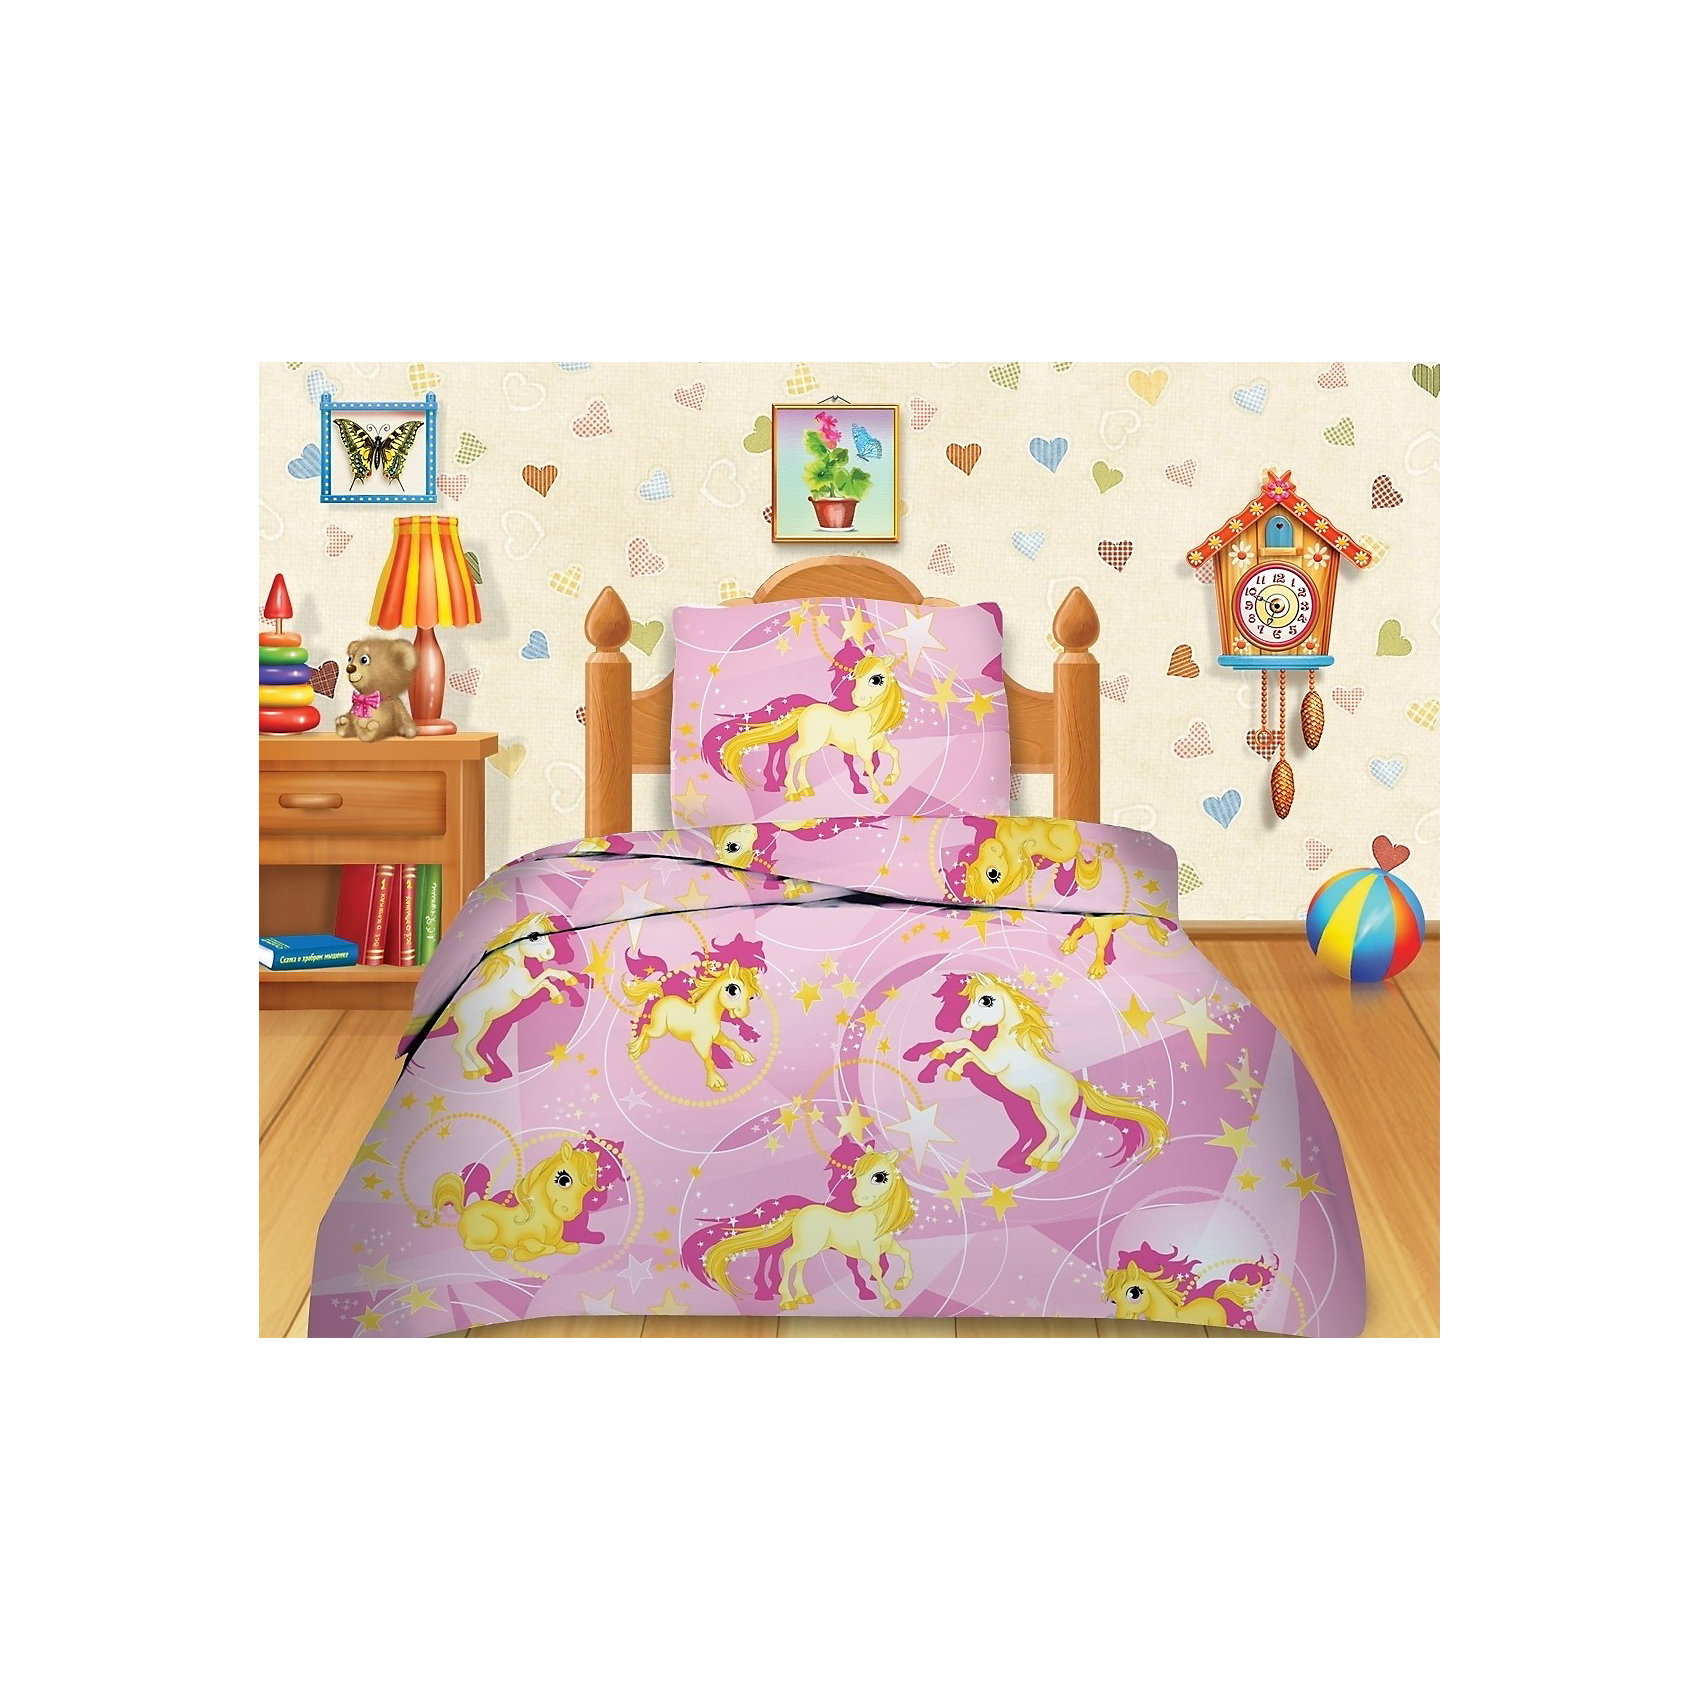 - Постельное белье 1,5 Лошадки, бязь, 70*70, Кошки-мышки постельное белье angry birds комплект постельного белья 1 5 бязь плохие свинки